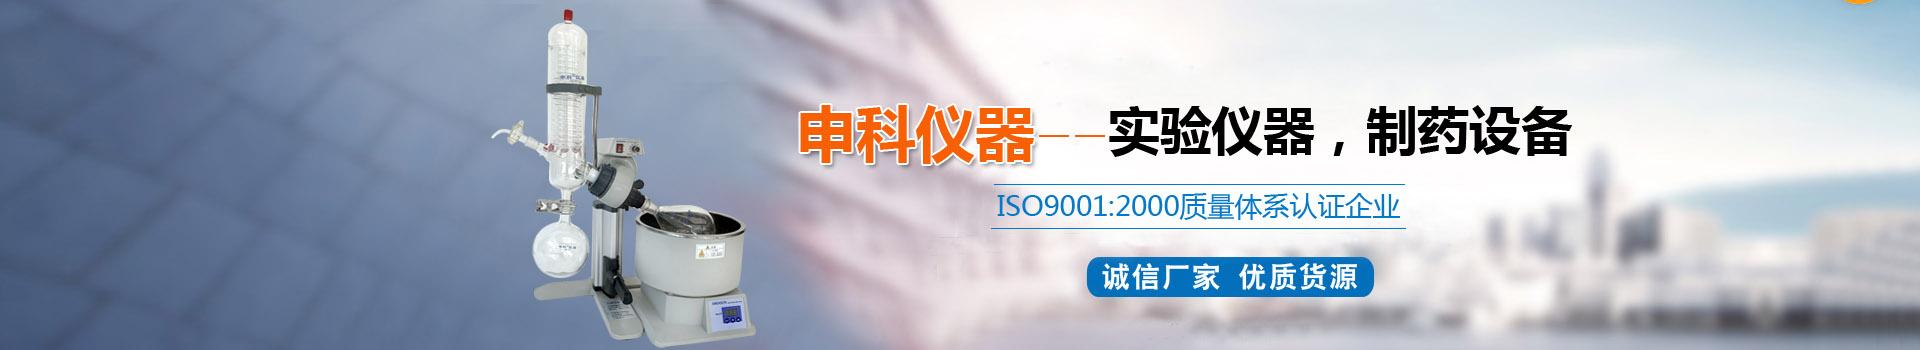 无锡竞博jbo官网登录仪器有限公司